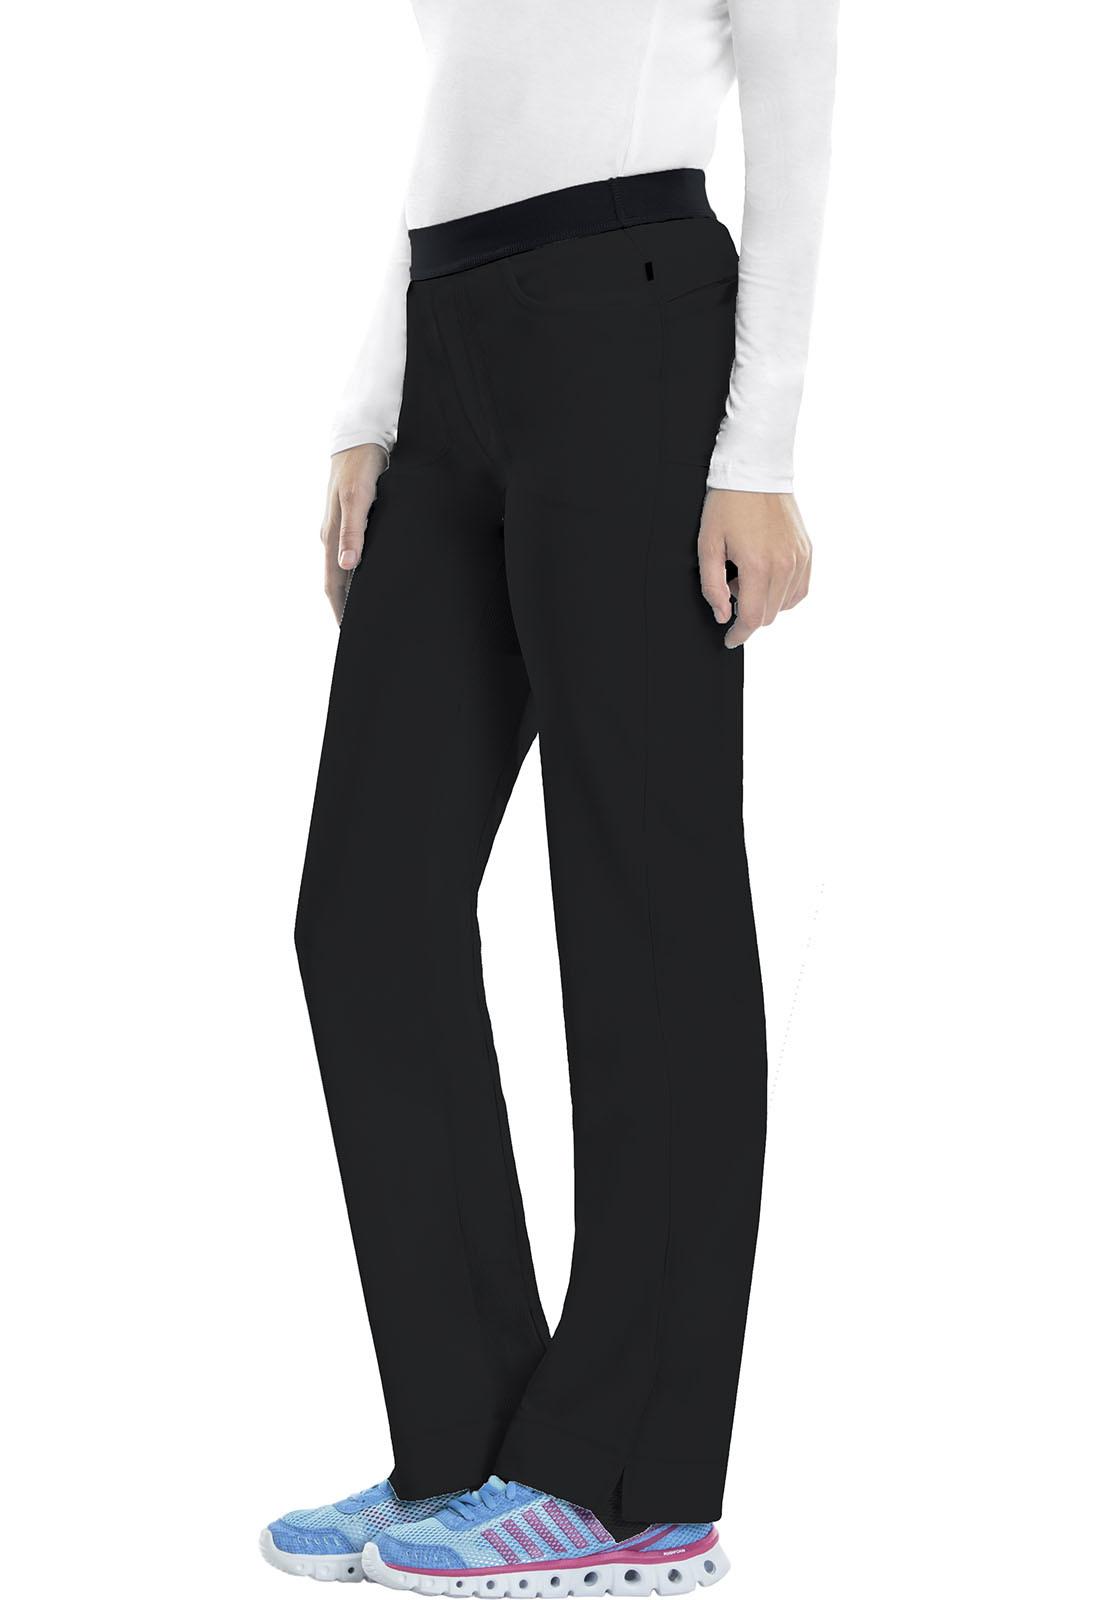 CHEROKEE Pull-On Pants Black 1124AP